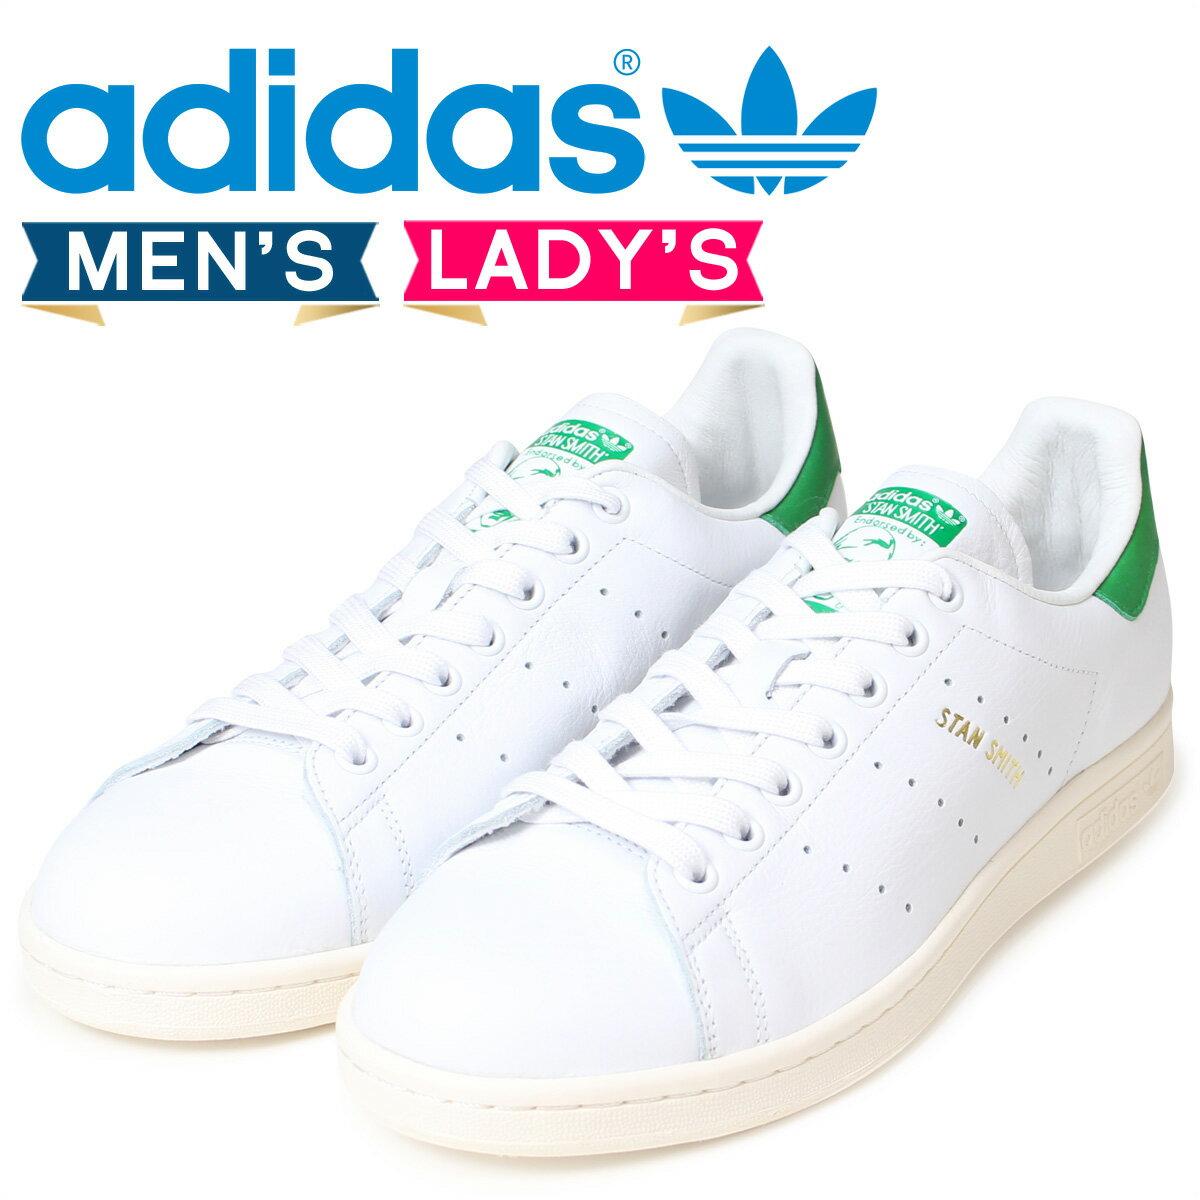 アディダス スタンスミス adidas Originals スニーカー STAN SMITH メンズ レディース S75074 靴 ホワイト オリジナルス